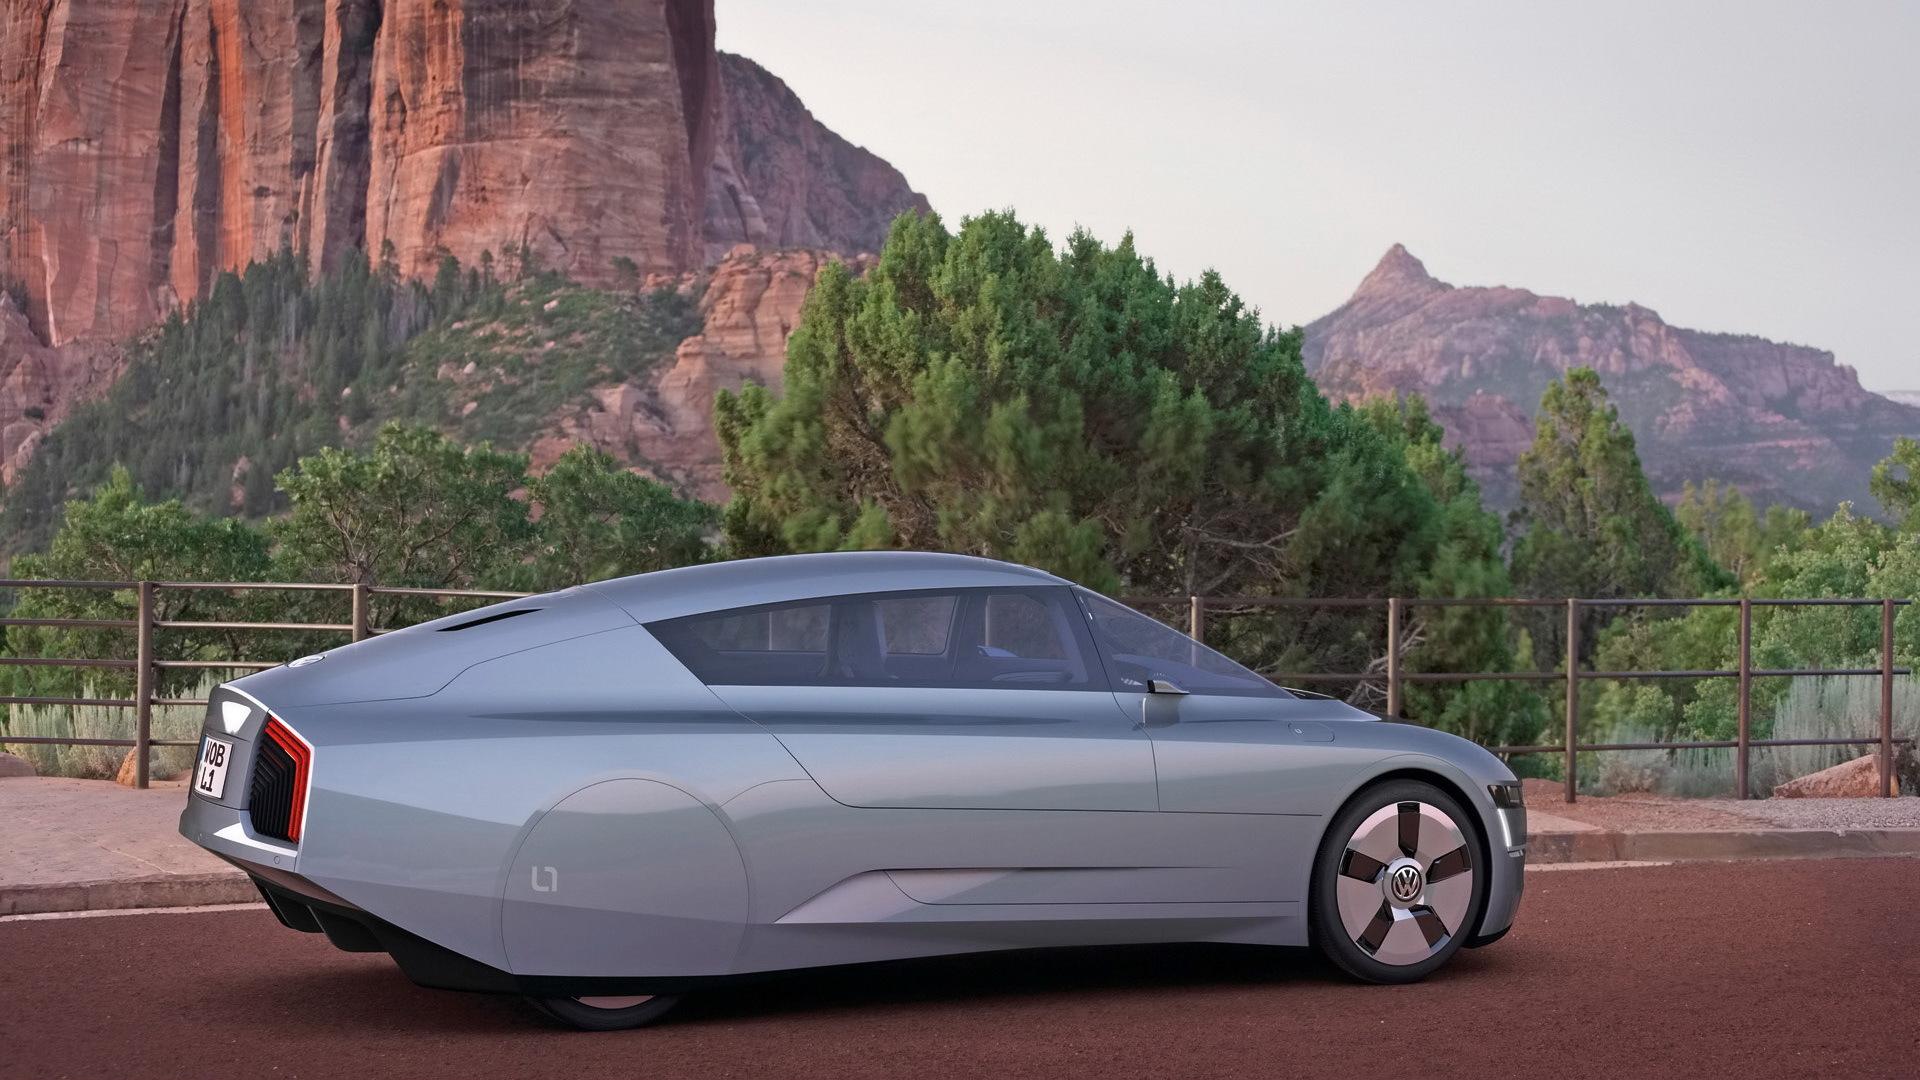 该车由轻量化材质制造,采用单体车架结构和碳纤维强化材料(cfrp) 附加